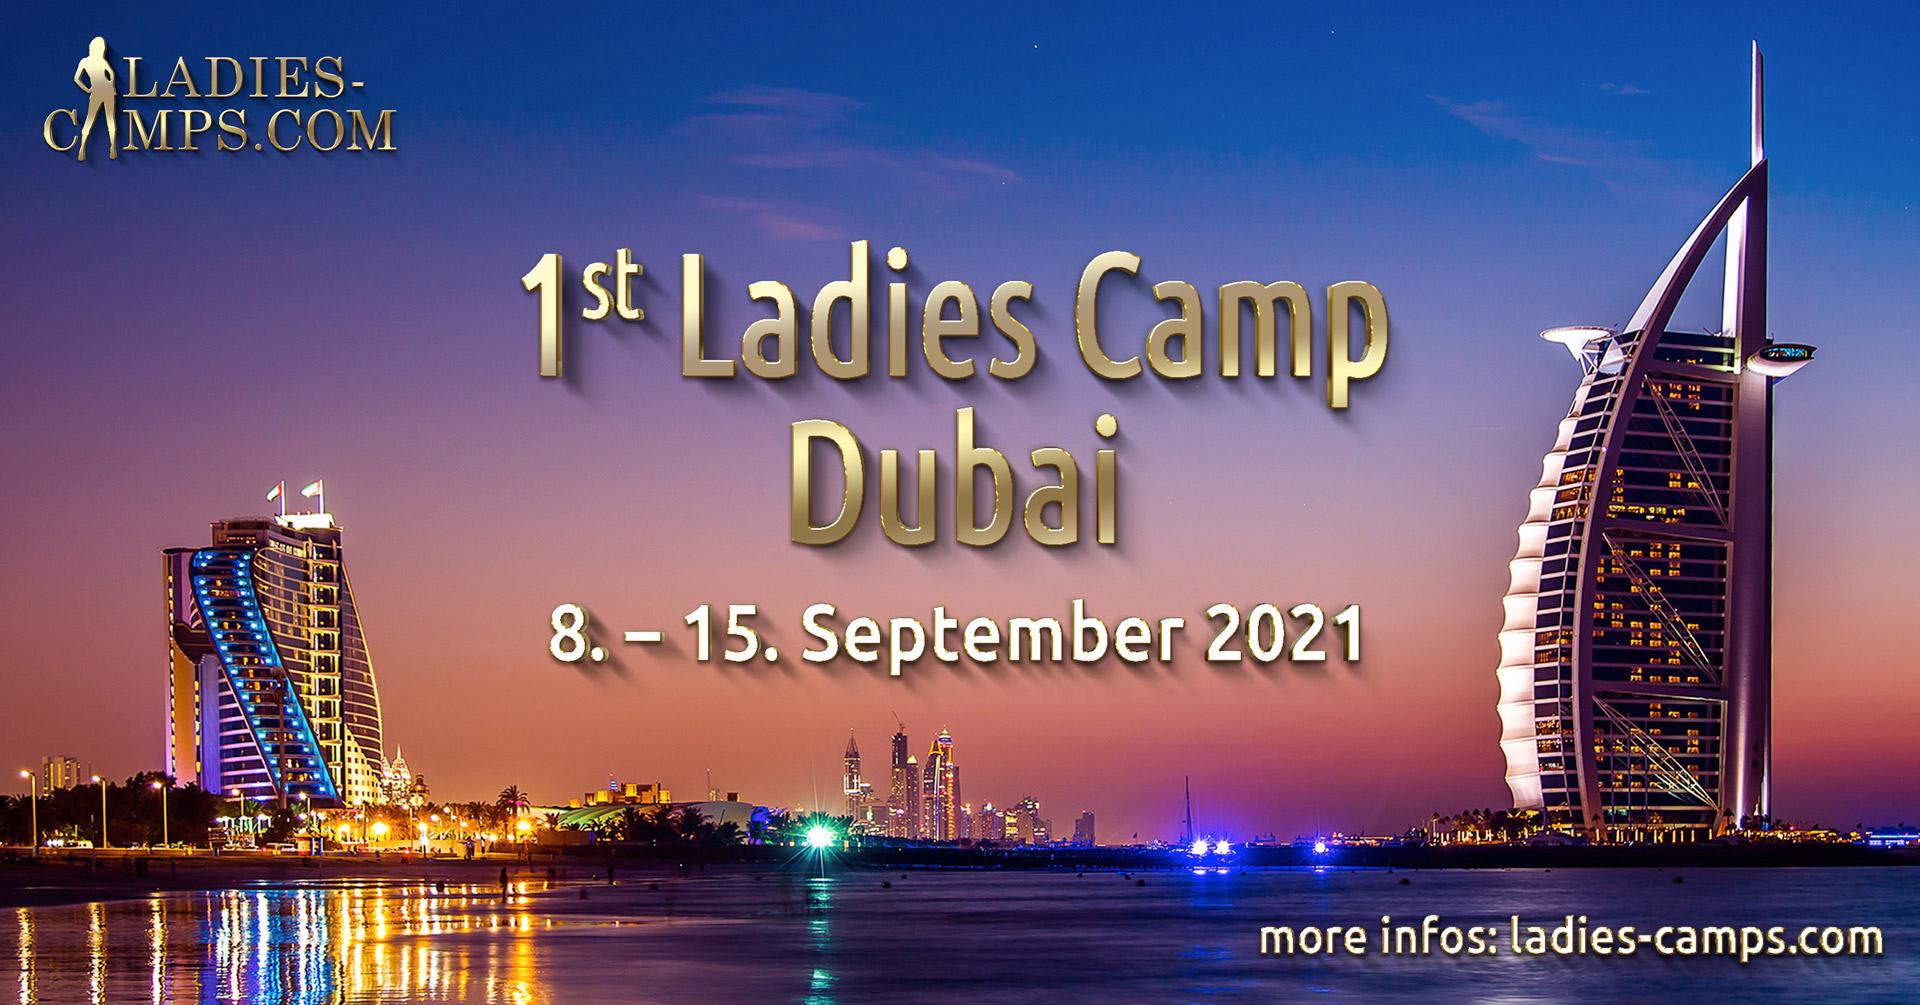 Ladies Camp Dubai